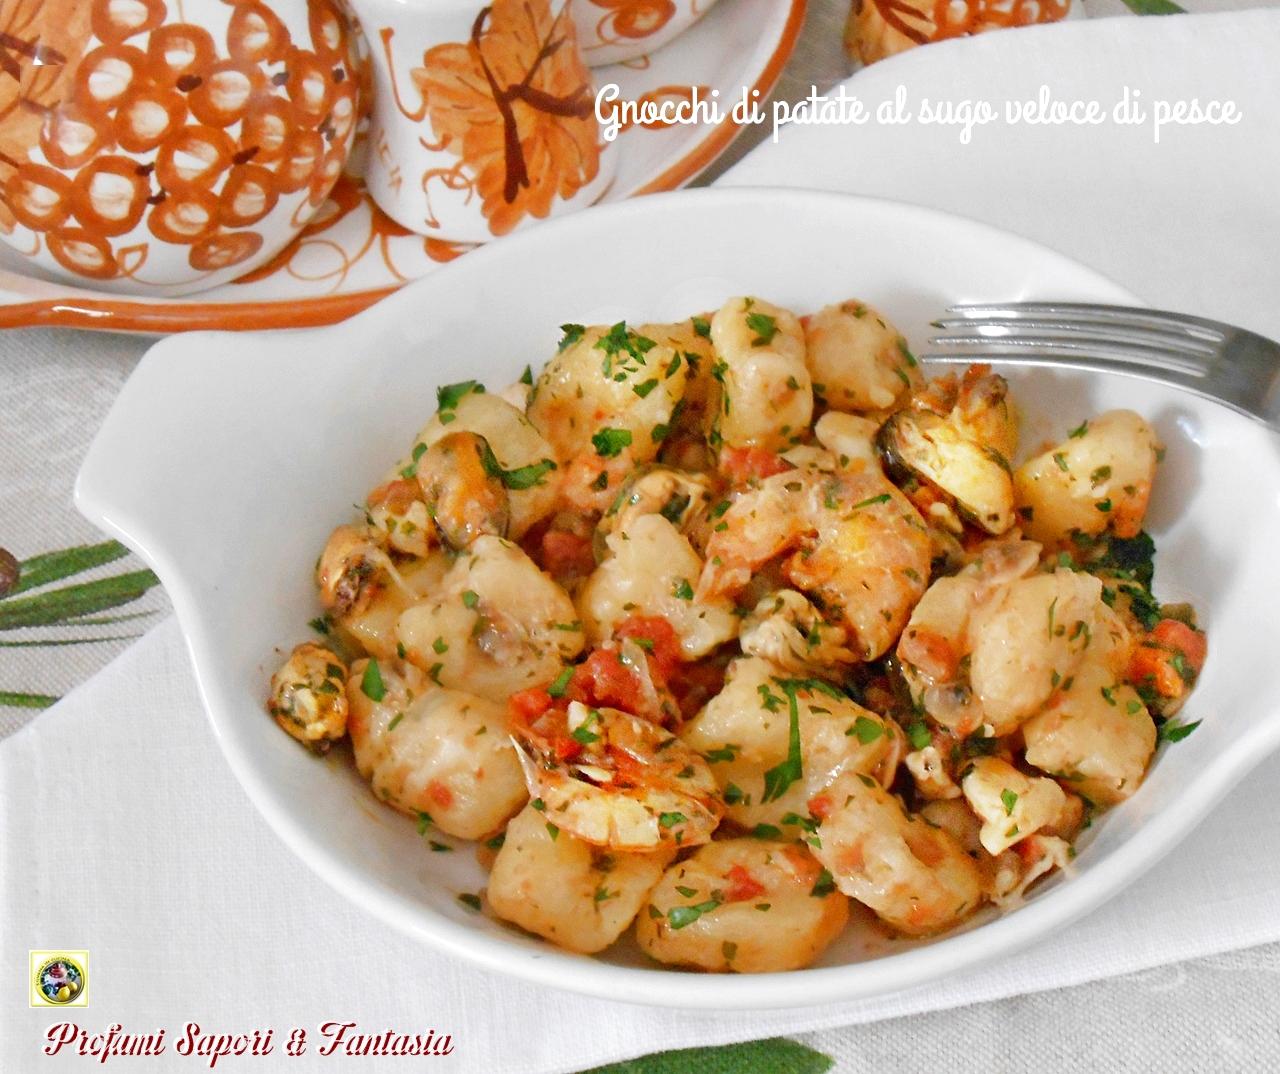 Gnocchi di patate al sugo veloce di pesce Blog Profumi Sapori & Fantasia